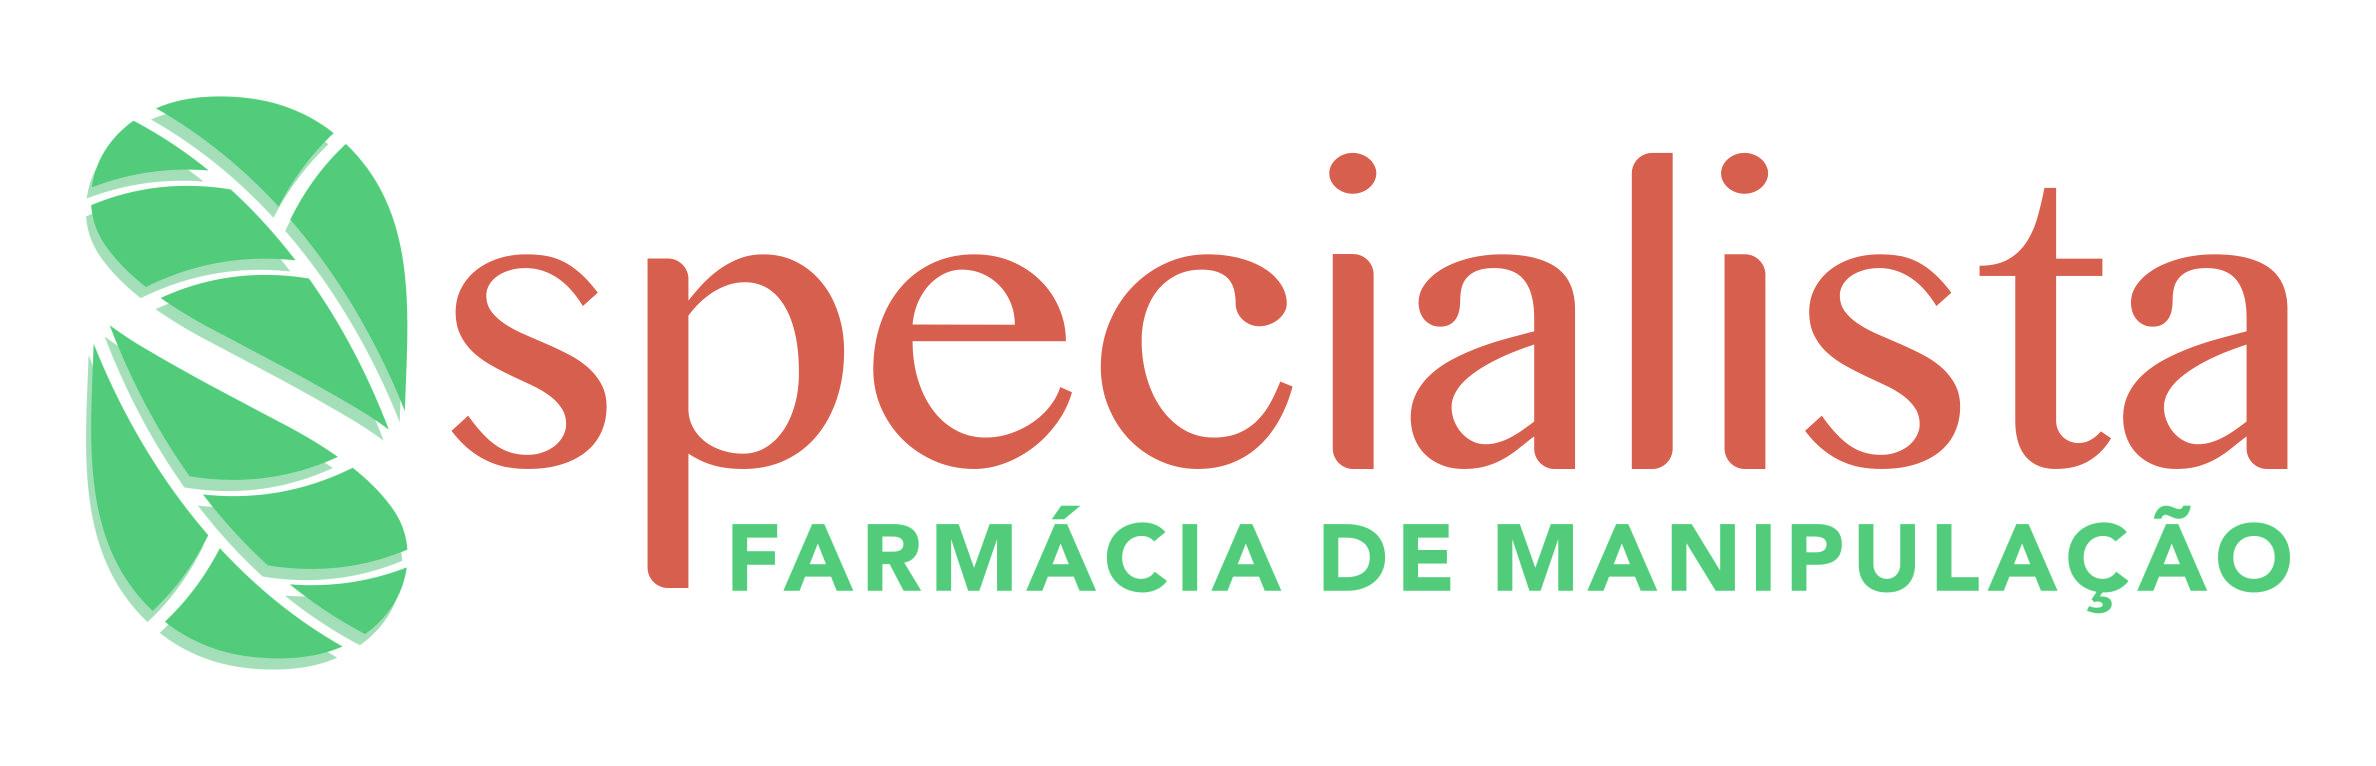 Logo de Specialista Farmácia de Manipulação